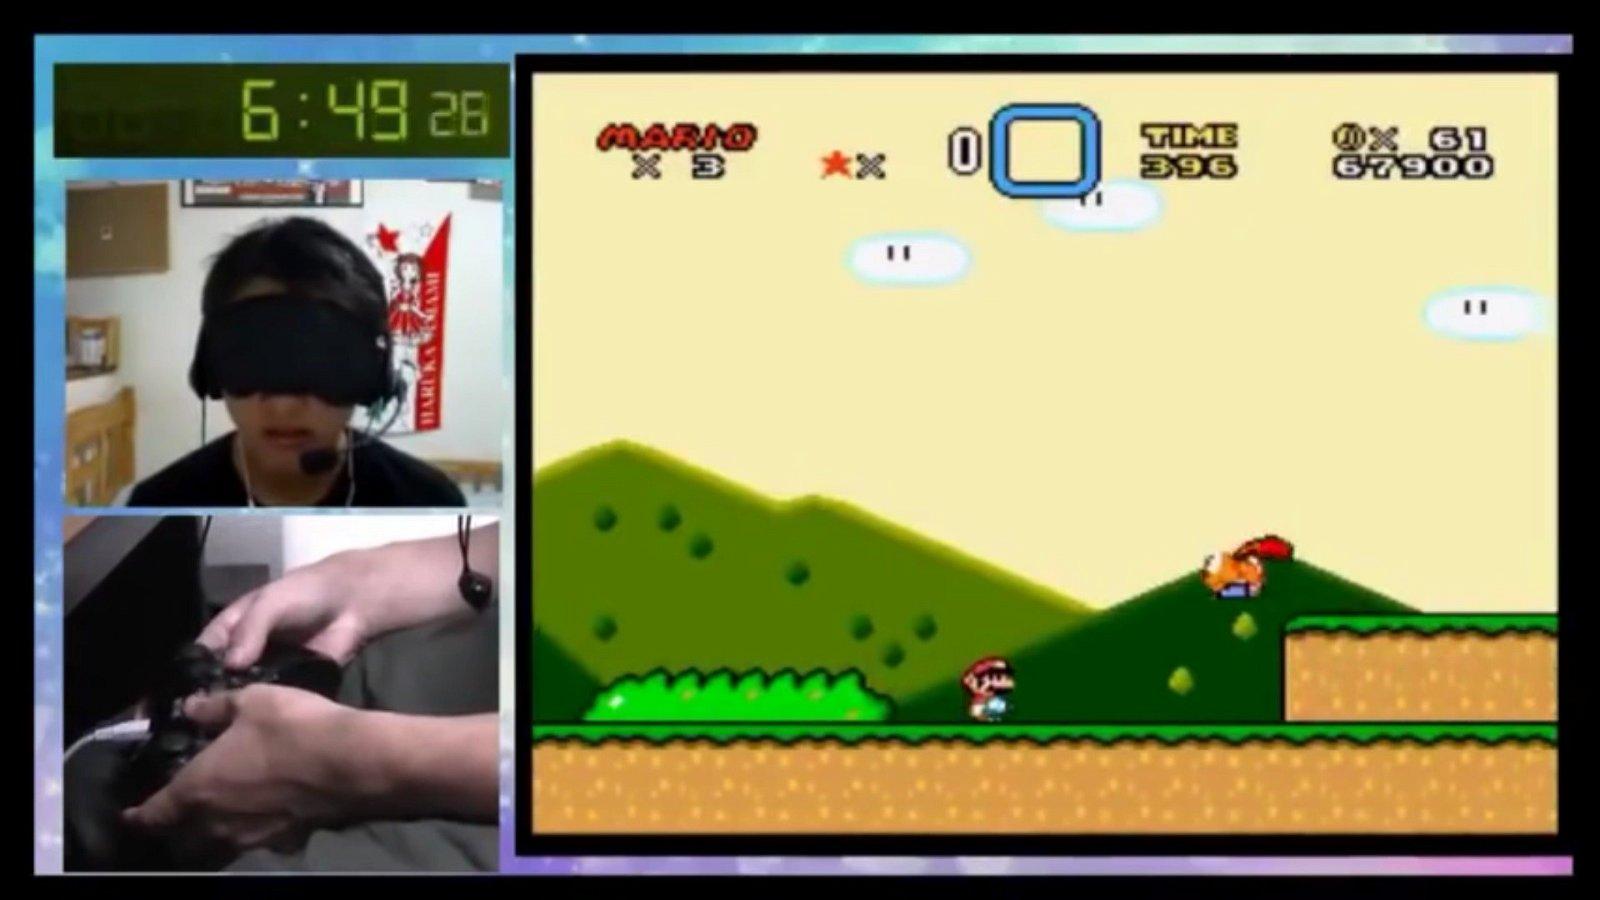 Super Mario World: Un speedrunner logra el récord mundial con los ojos vendados